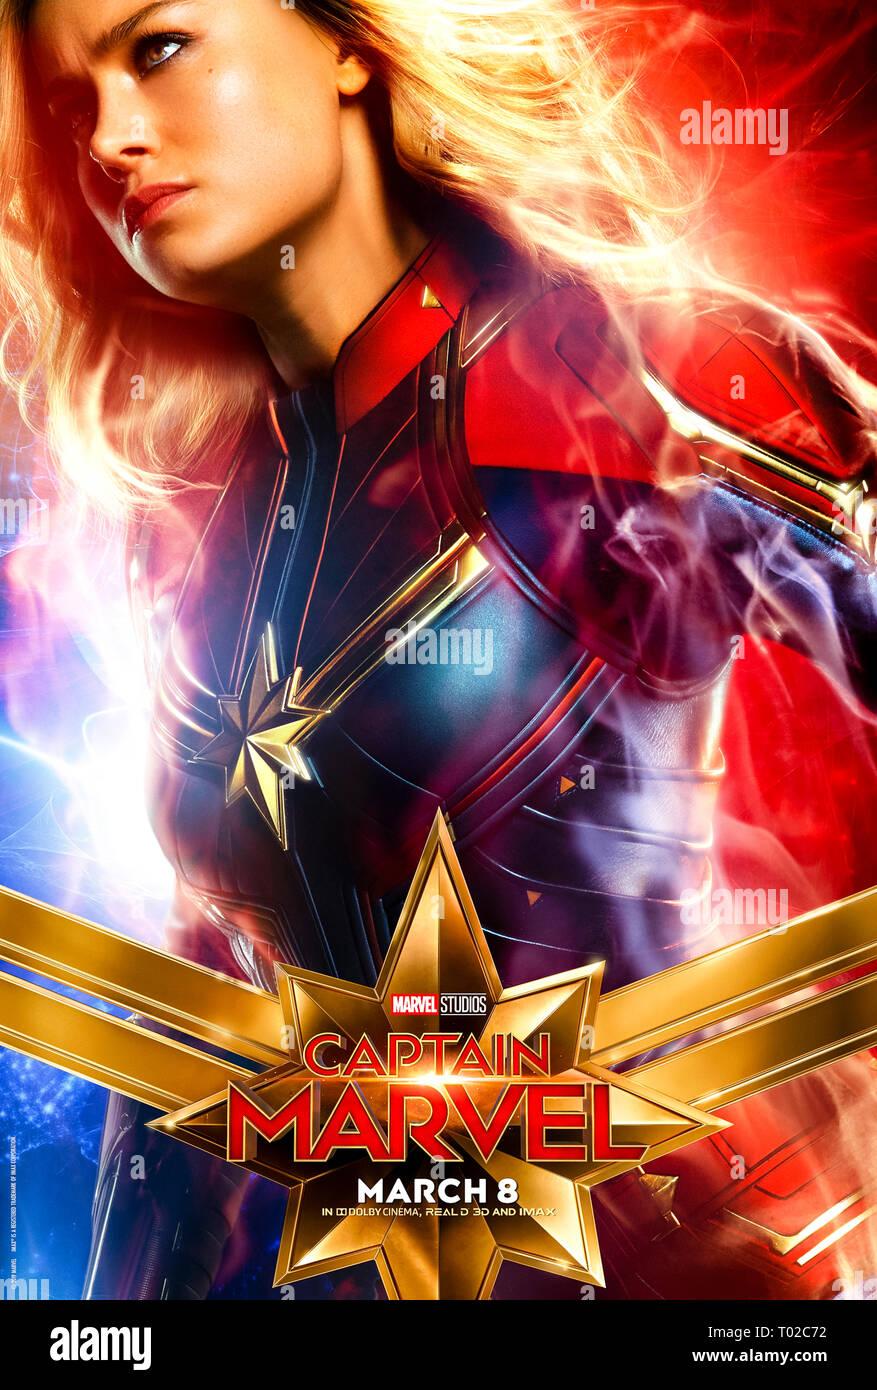 Captain Marvel 2019 Brie Larson Anna Boden Japanese Pamphlet Program Brochure